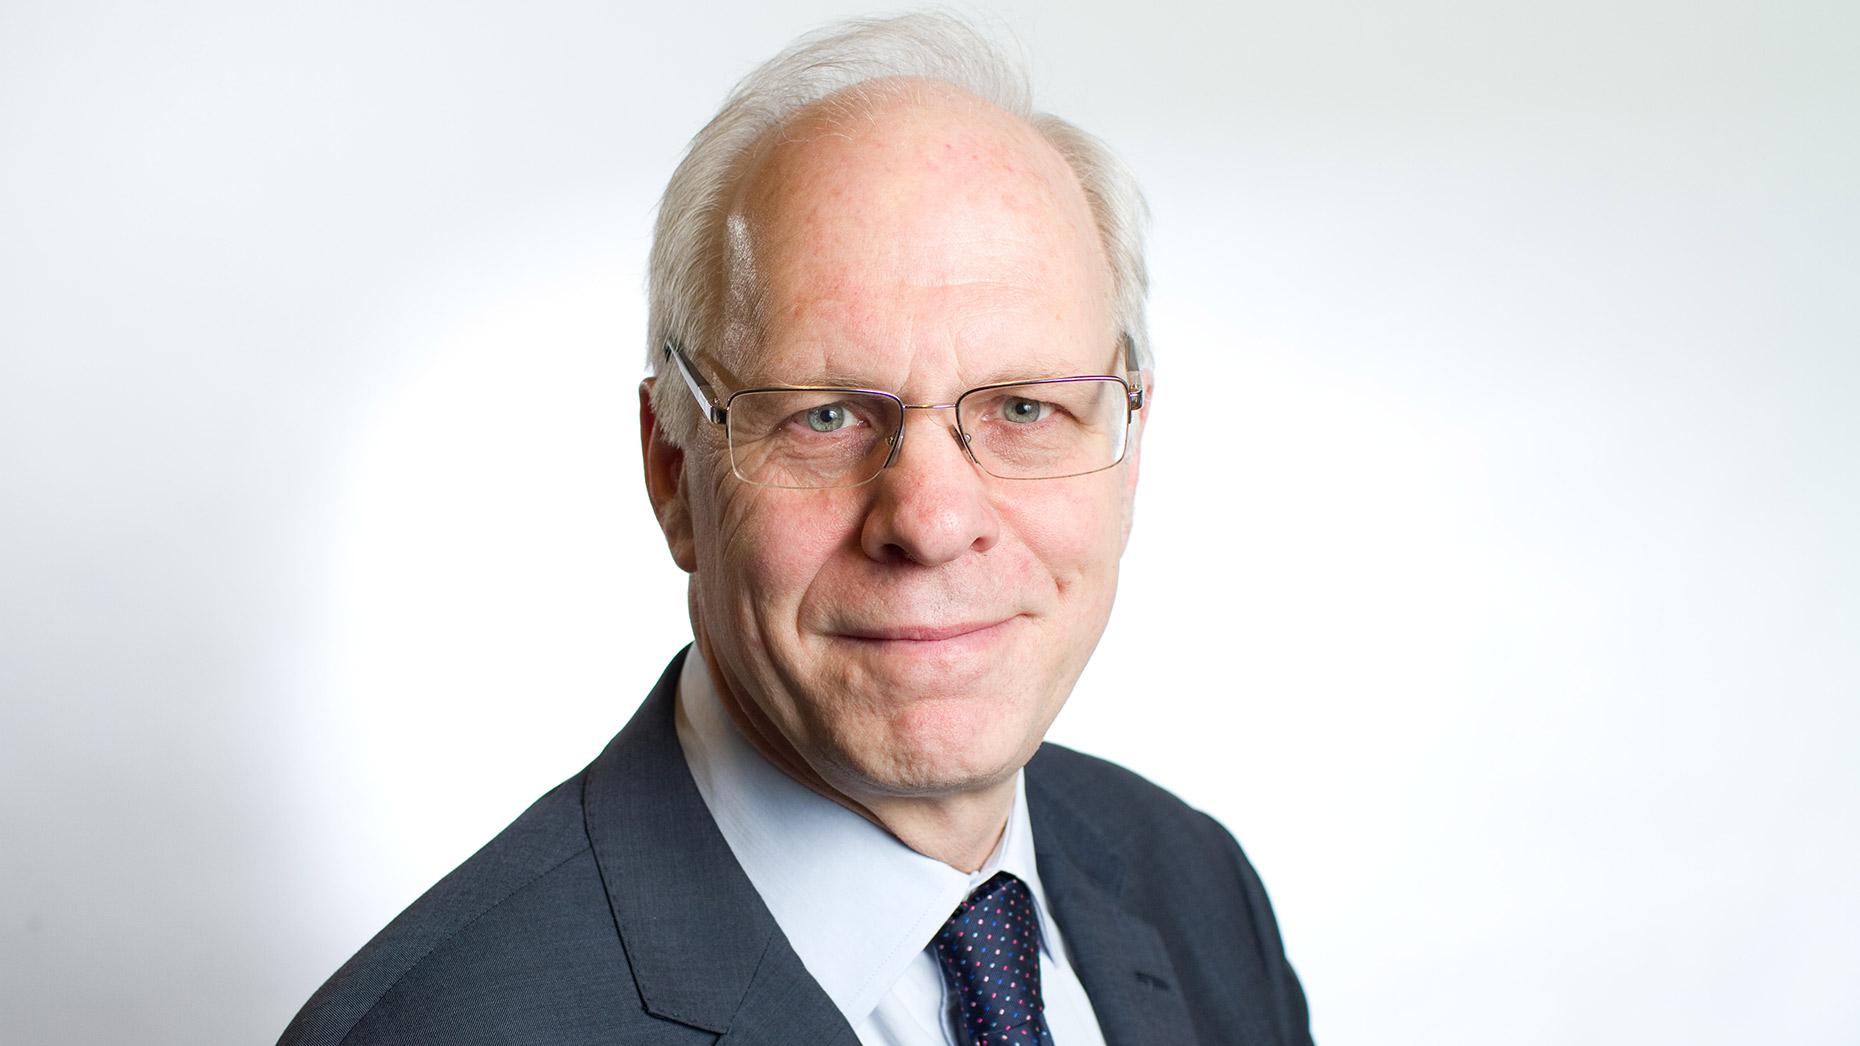 Scunthorpe MP Nic Dakin